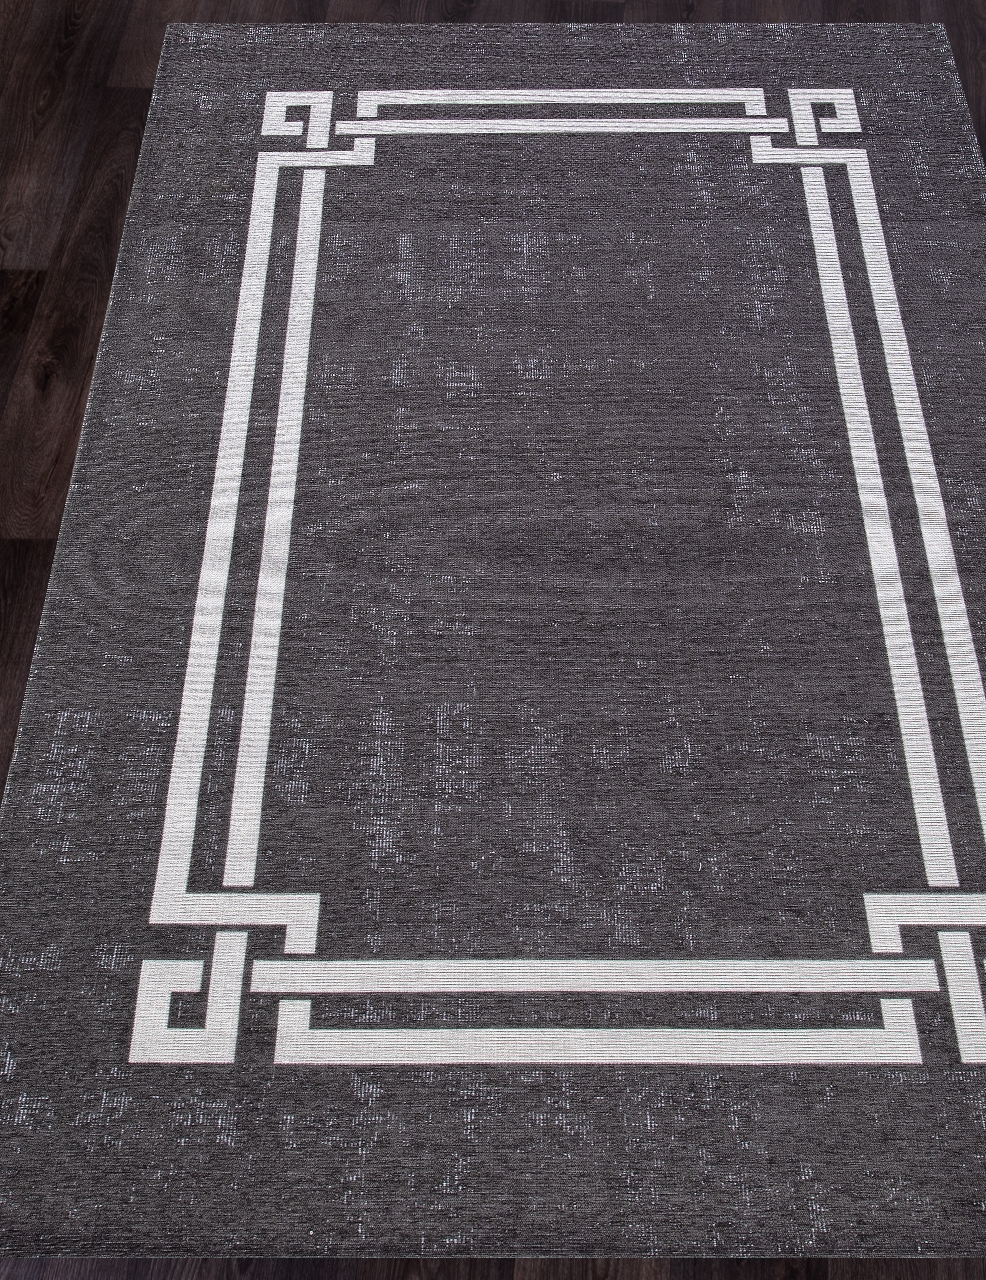 Ковер 133410 - 01 - Прямоугольник - коллекция LARINA - фото 1